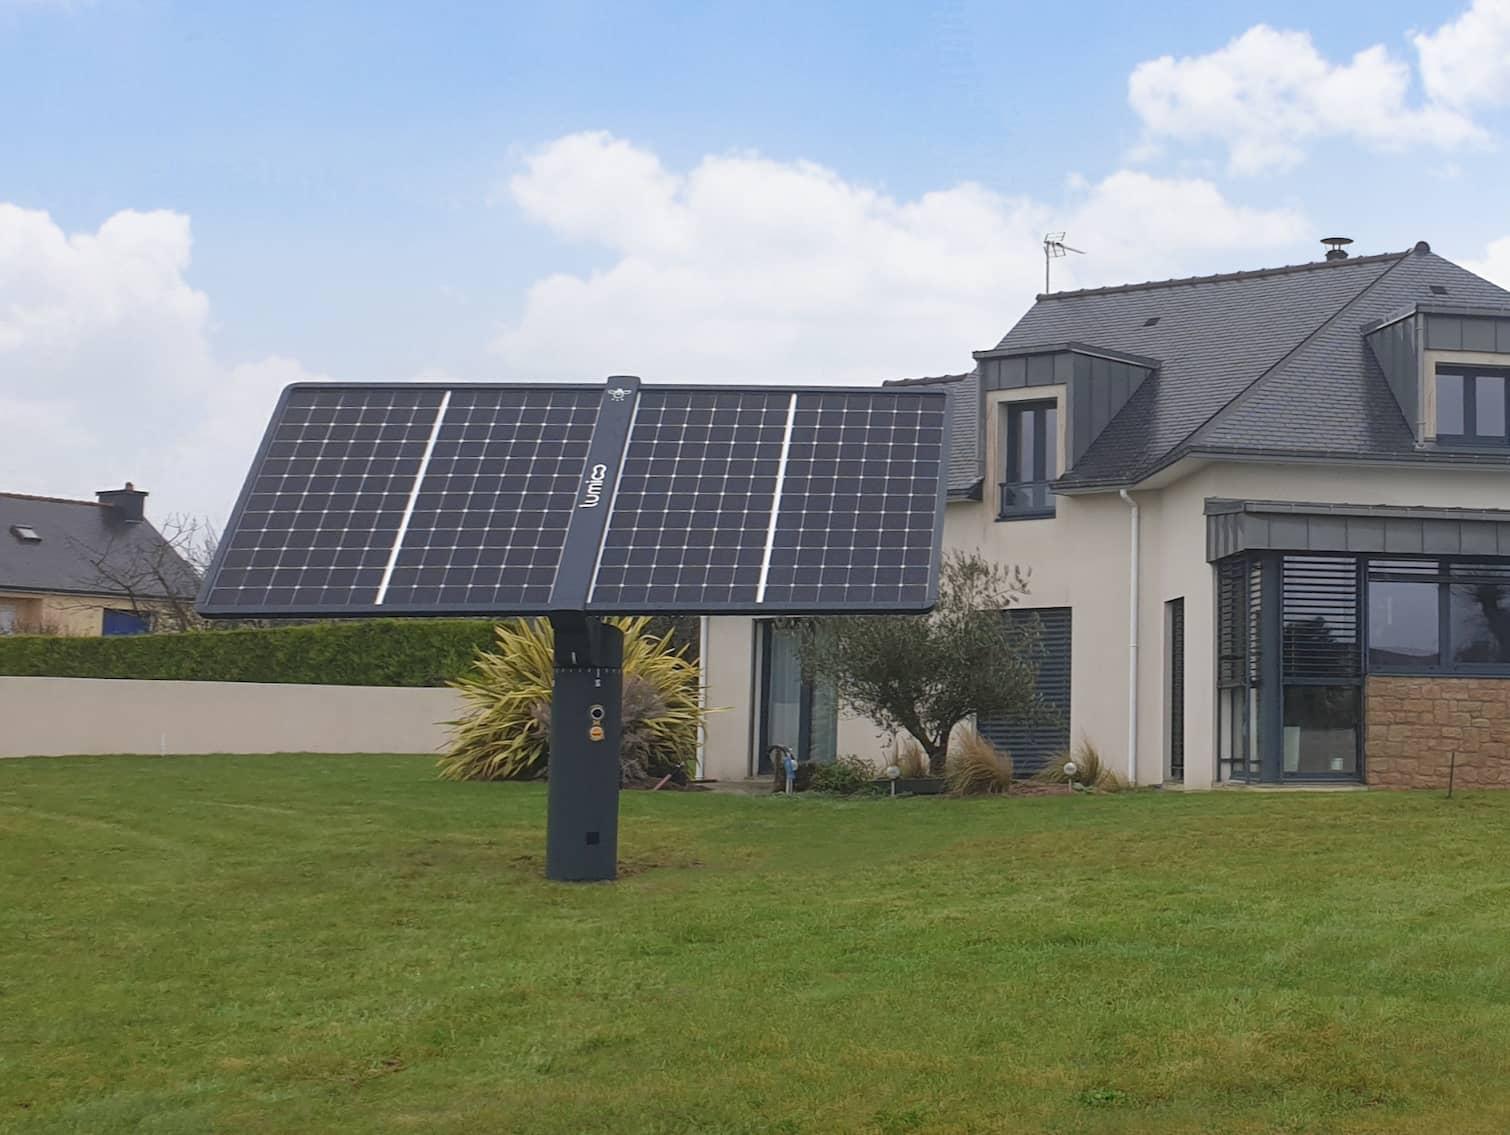 Les dernières installations du tracker solaire Lumioo en vidéo